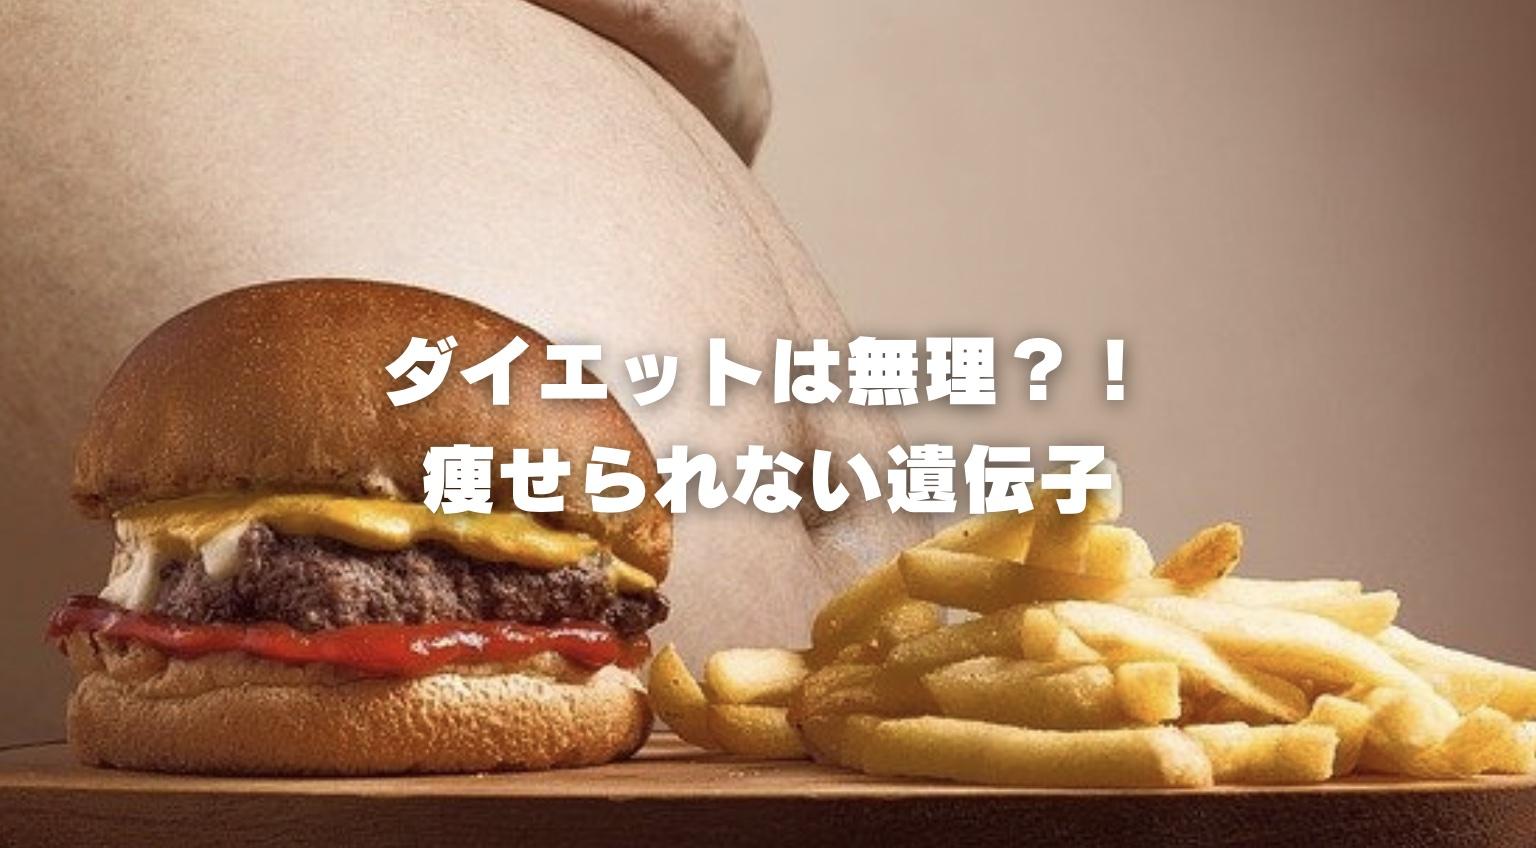 ダイエットの真実 人は【痩せられない遺伝子】を持っている?!のアイキャッチ画像